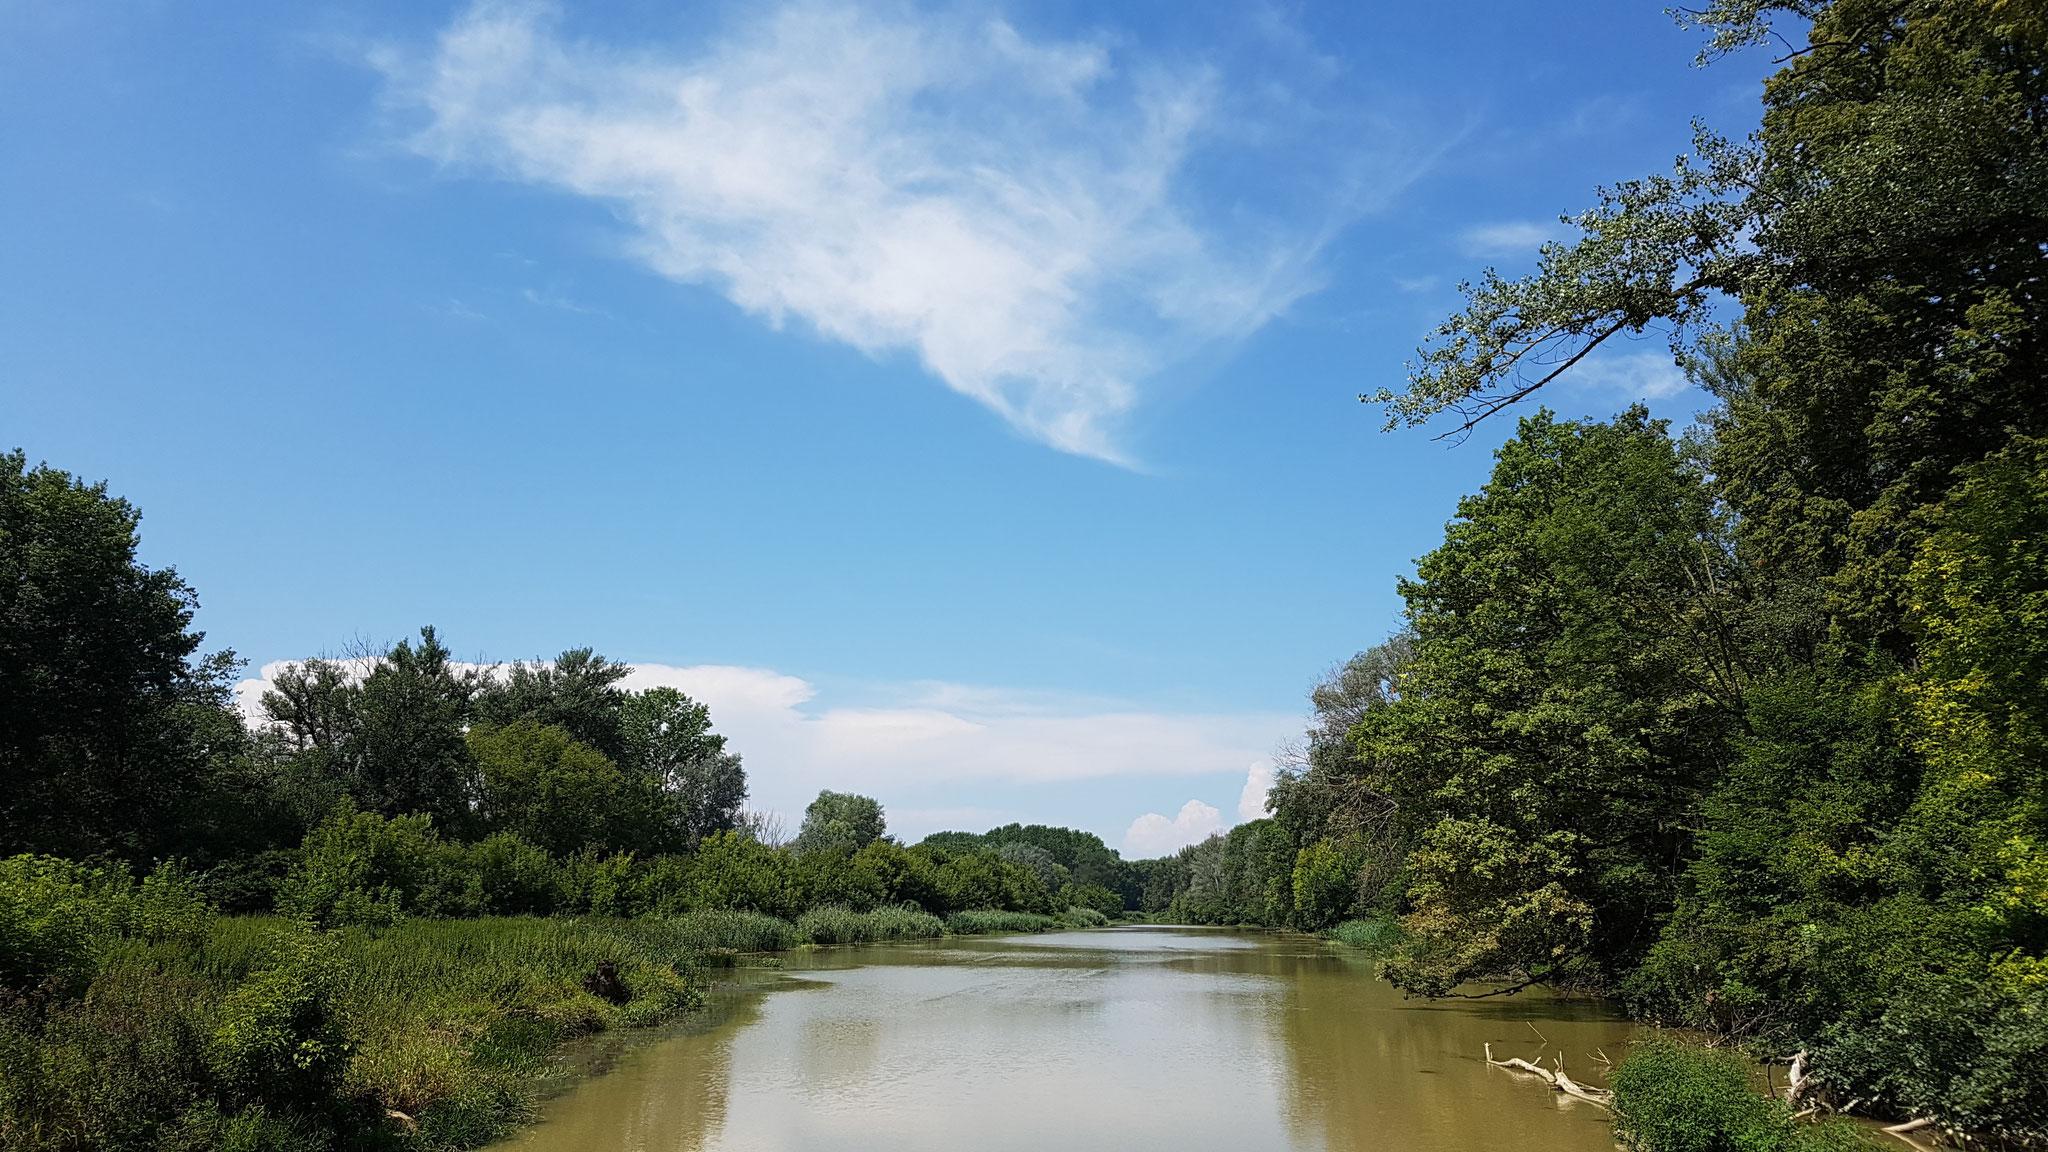 Wunderschöne stille, geruhsame Natur